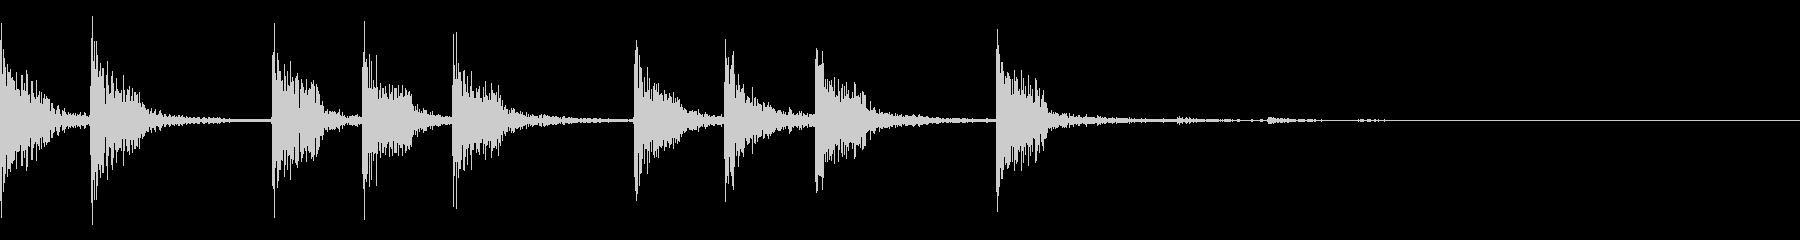 EDM等でおなじみのプラック系のジングルの未再生の波形